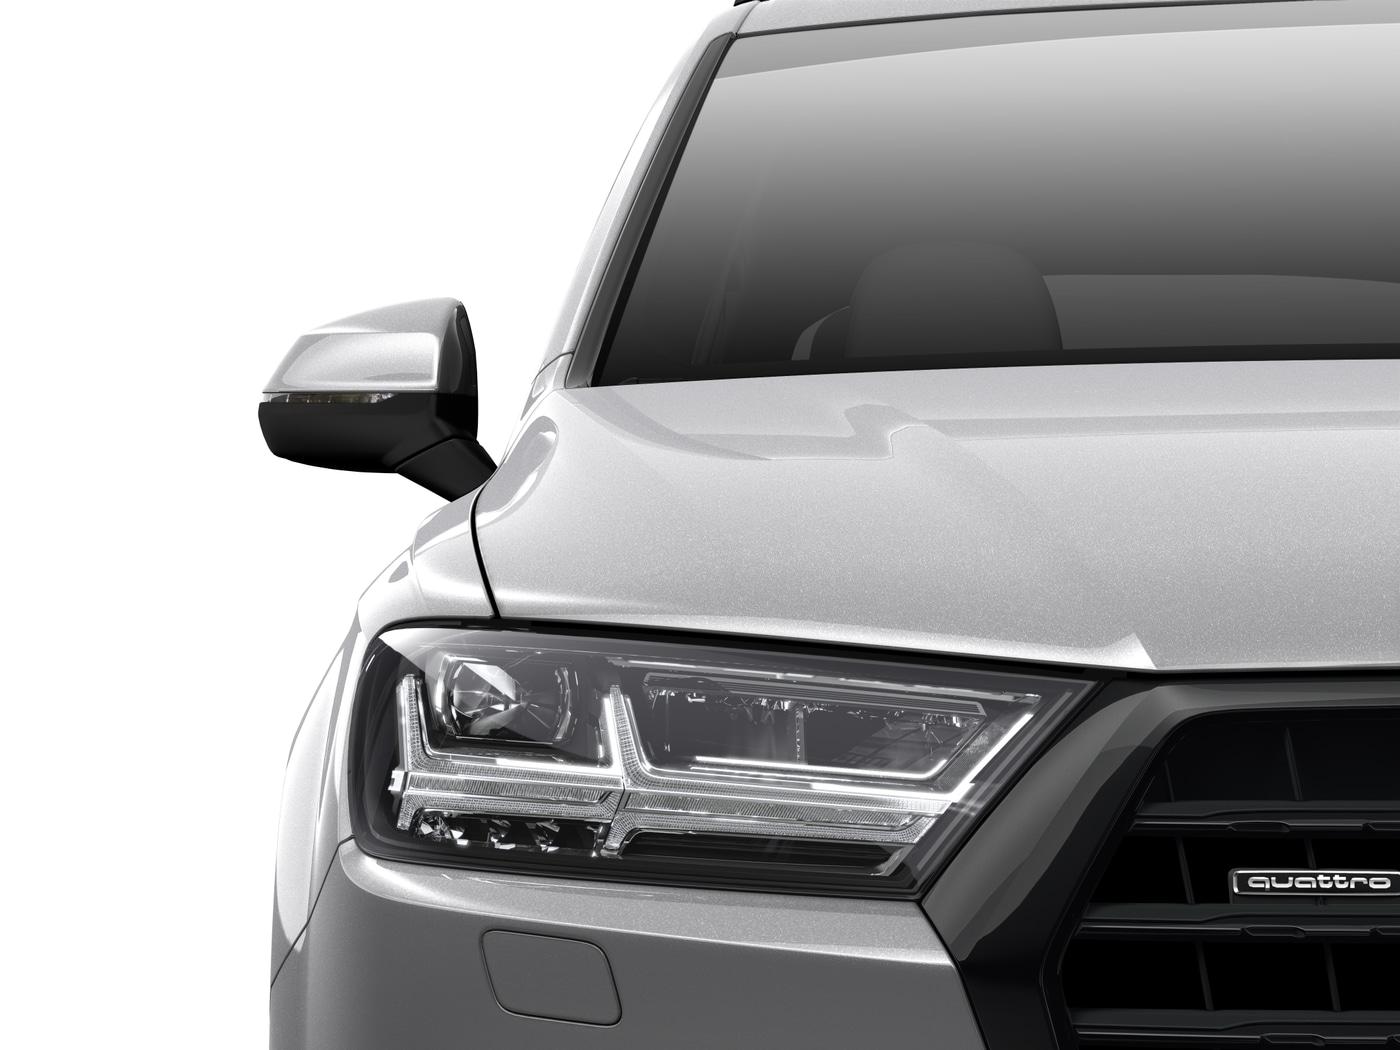 New 2019 Audi Q7 For Sale   Hardeeville SCWA1VAAF74KD022215